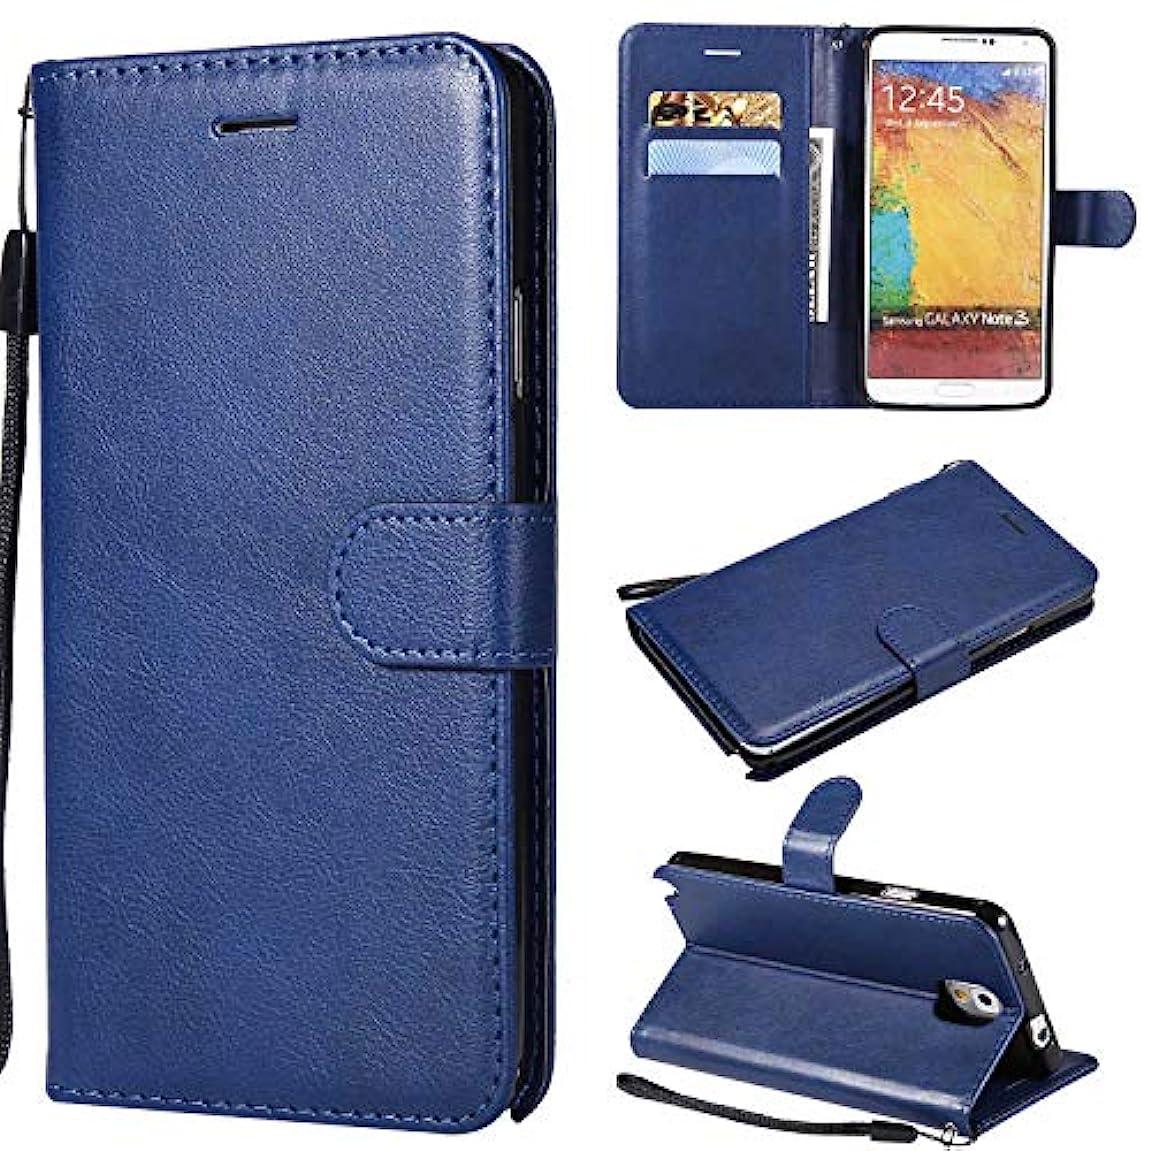 怒り強度息を切らしてGalaxy Note 3 ケース手帳型 OMATENTI レザー 革 薄型 手帳型カバー カード入れ スタンド機能 サムスン Galaxy Note 3 おしゃれ 手帳ケース (6-ブルー)